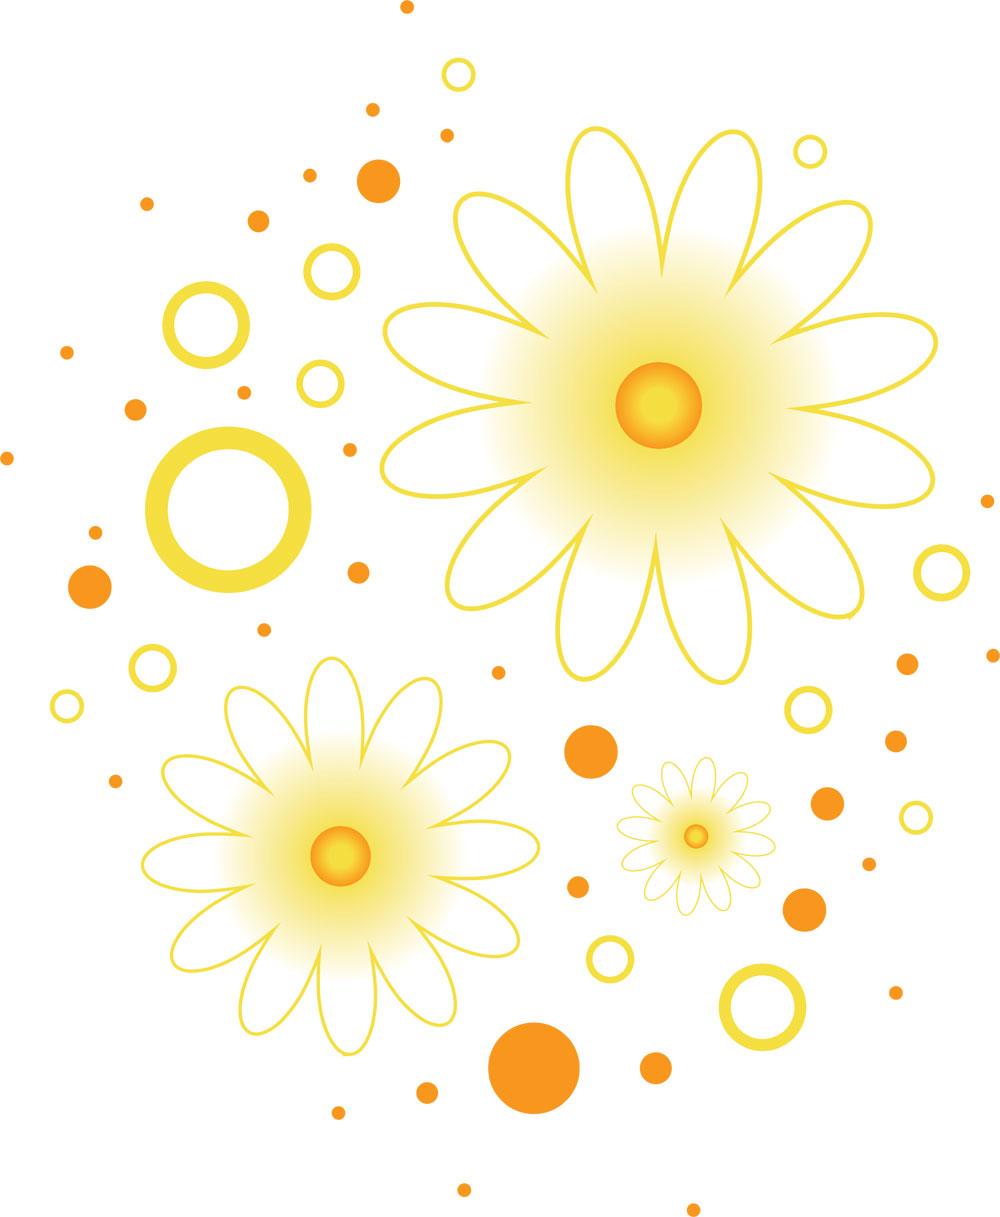 ポップでかわいい花のイラストフリー素材no249白茶淡い色